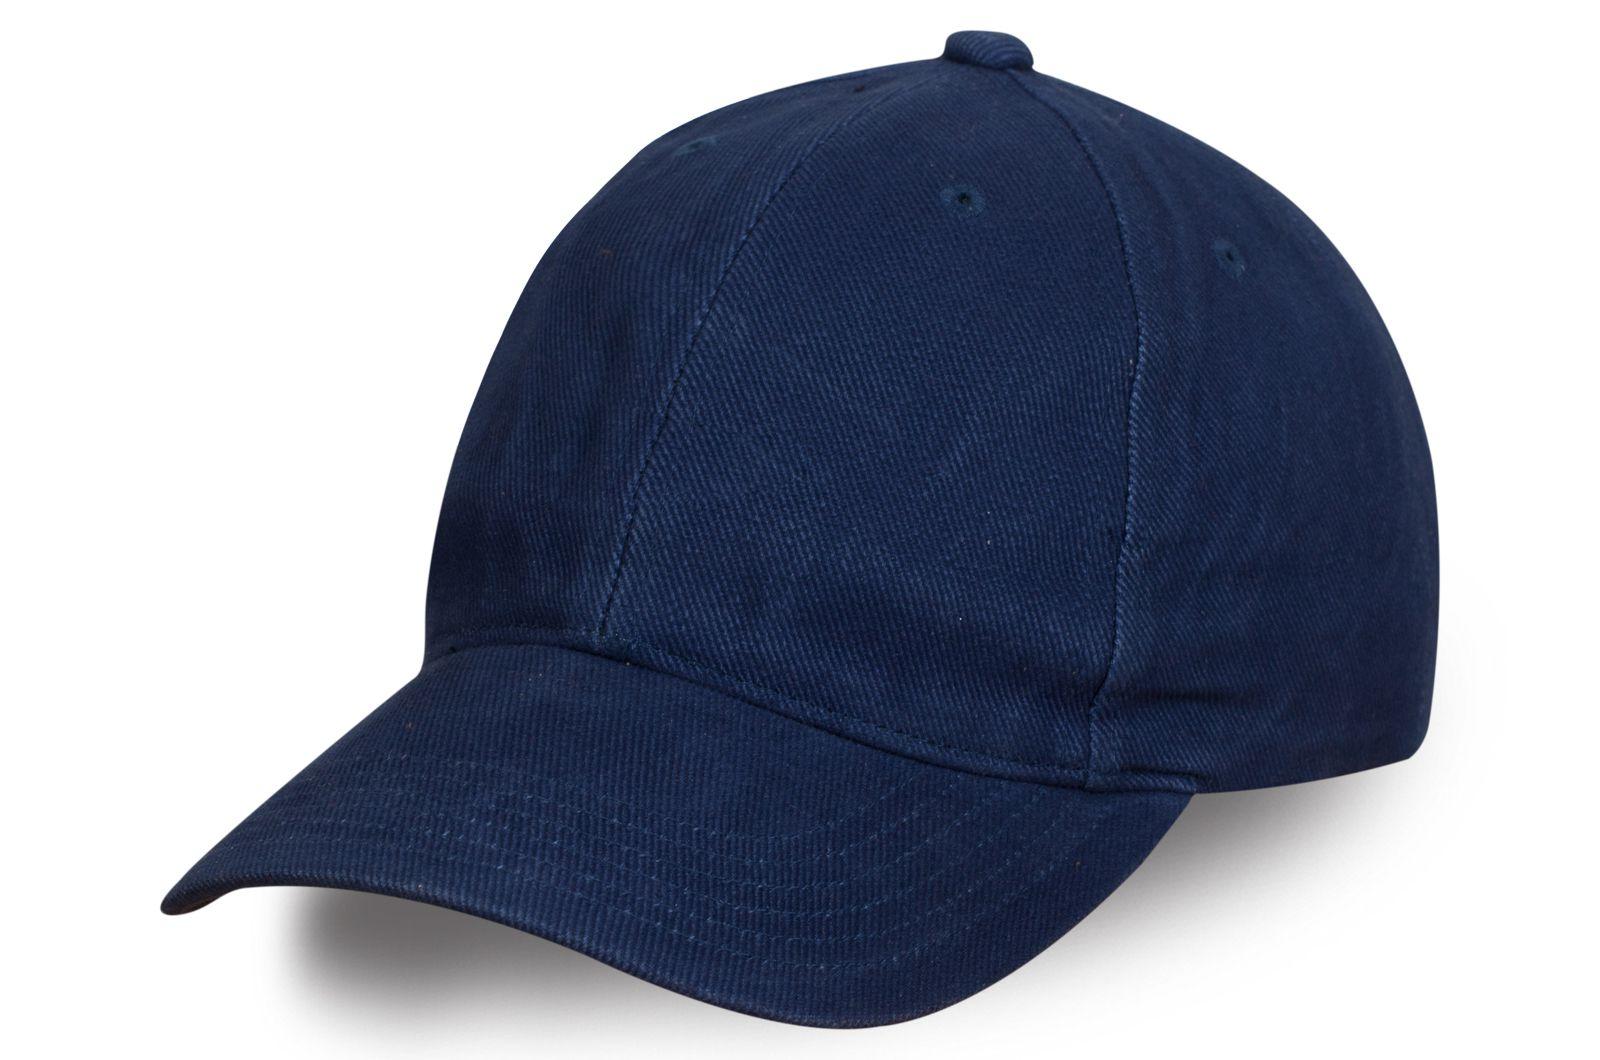 Мужская бейсболка синего цвета